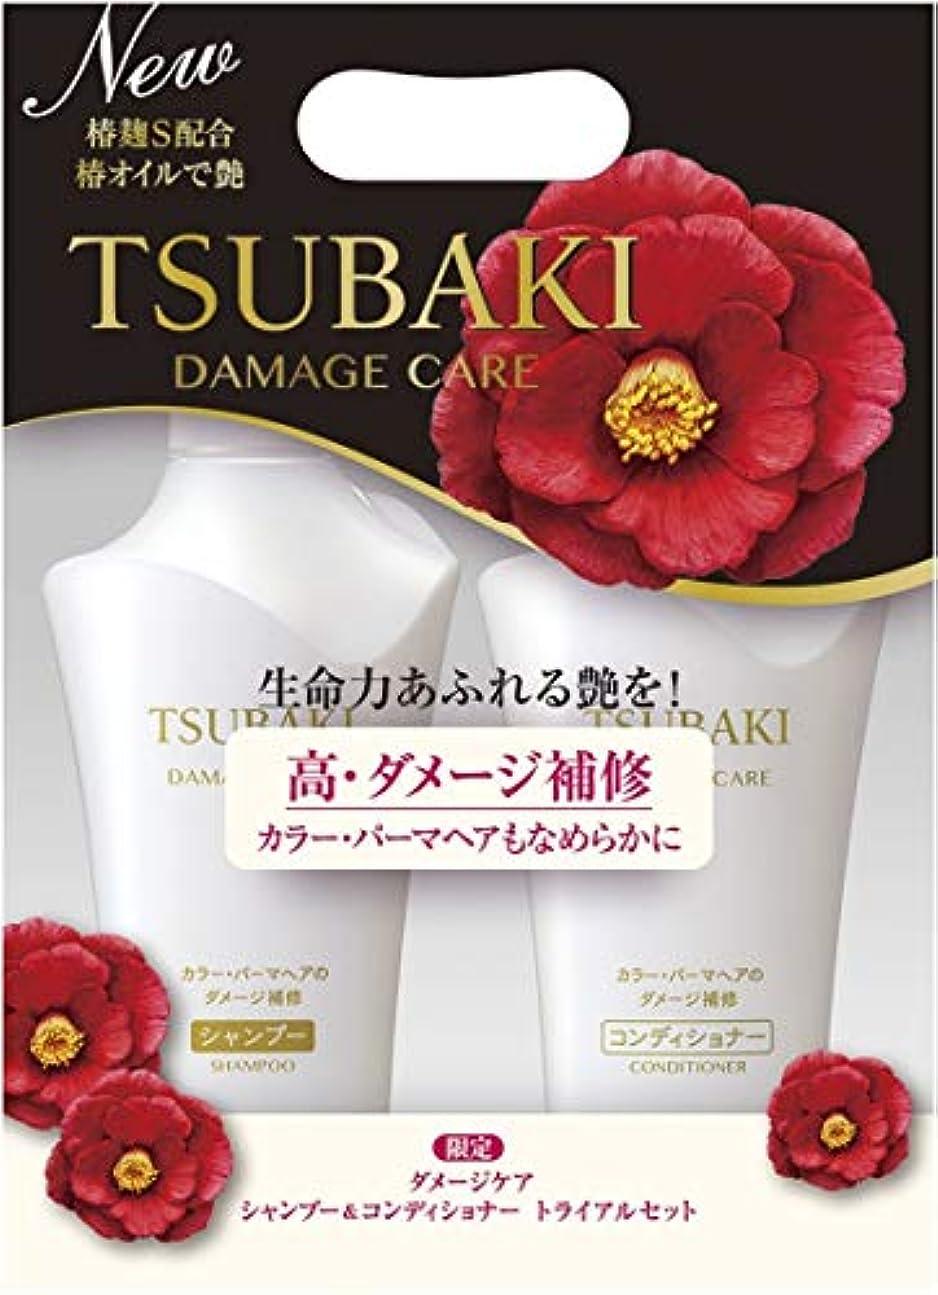 サイレン応用詳細なTSUBAKI ダメージケア シャンプー&コンディショナー ジャンボペアセット (500ml+500ml)